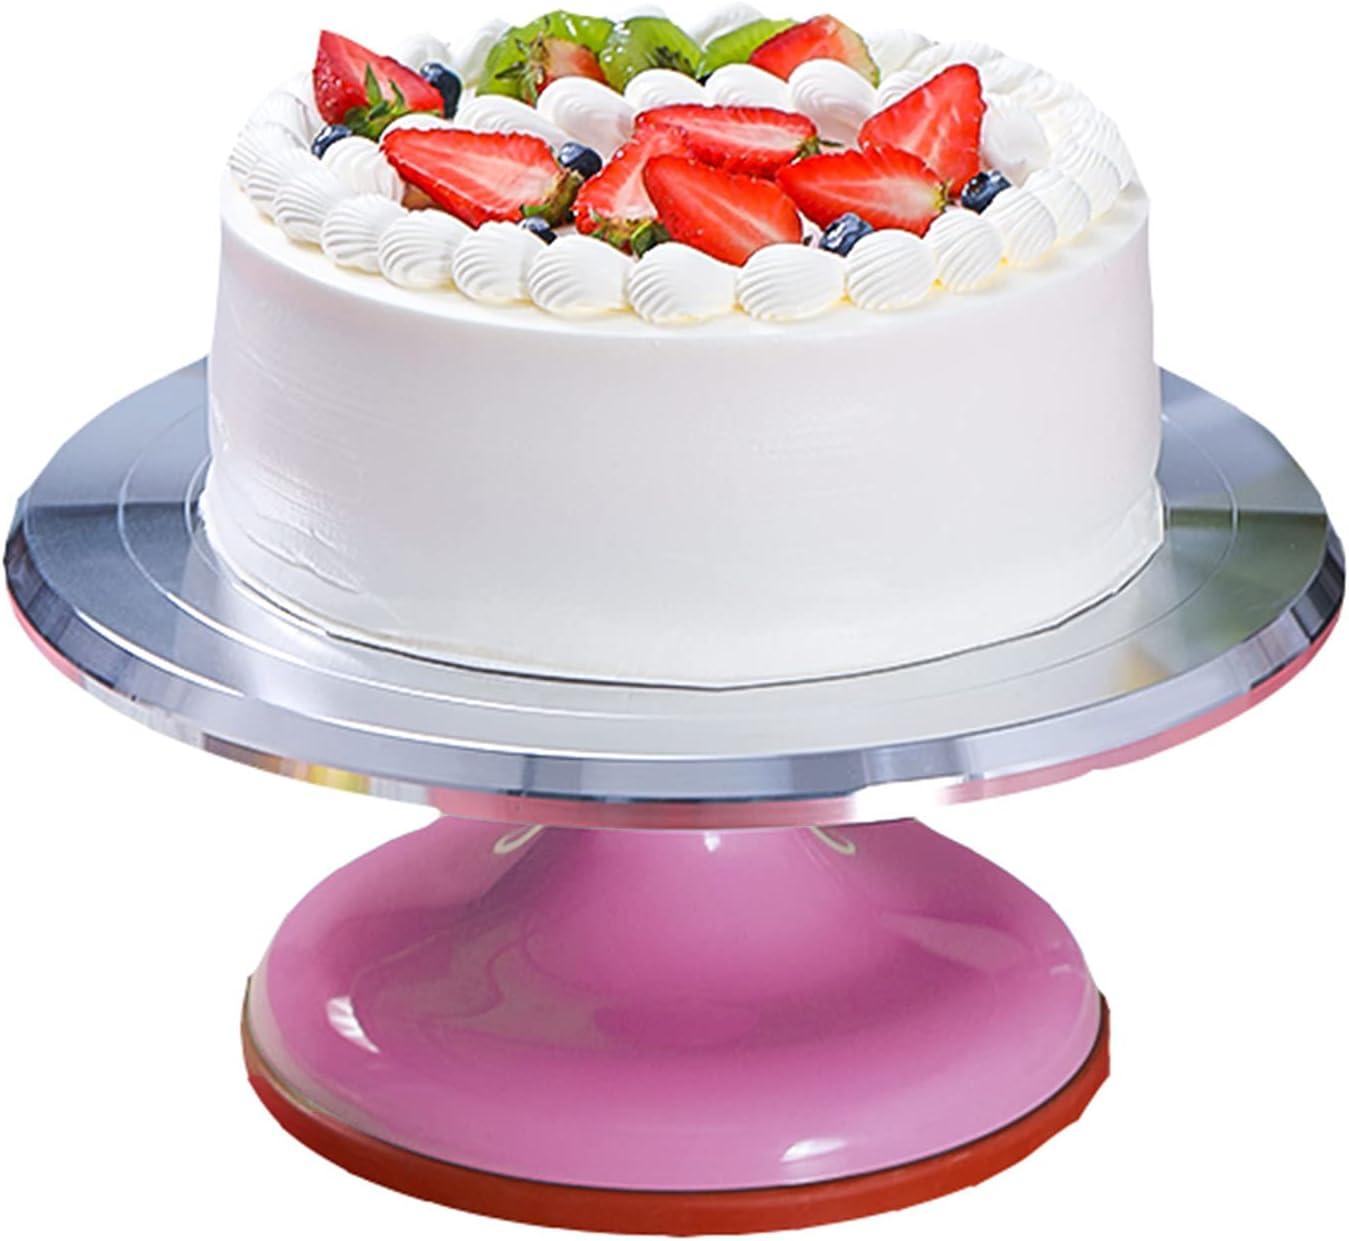 SHPEHP Soporte De Torta Giratoria De Aleación De Aluminio,12inch Cake Turntable Rotating Revolving Decorating Stand Pastelería Baking Decor Tool For Cookies Cupcake-Rosa 12 Pulgadas